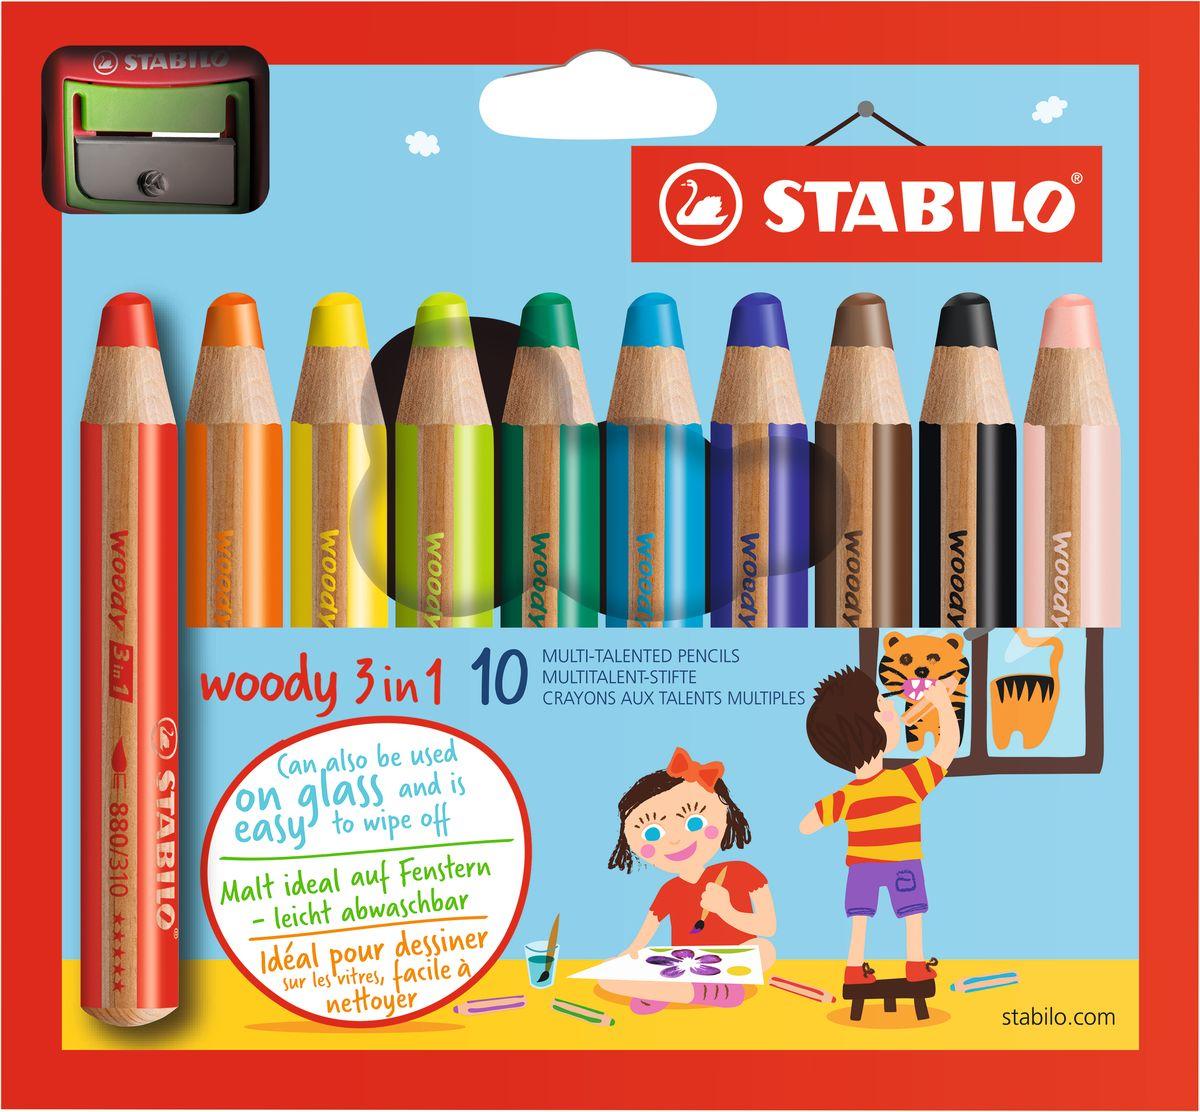 Stabilo Набор цветных карандашей Woody 3in1 10 цветов + точилка610842Супертолстый цветной карандаш, акварель и восковой мелок в одном. Это уникальные карандаши, сочетающие в себе возможности цветных карандашей, акварельных красок и восковых мелков. Пишут практически на всех гладких поверхностях, сключая сткло! Обеспечивают великолепный результат на темной бумаге благодаря исключительной яркости и интенсивности цвета. Великолепные акварельные качества. Очень прочный грифель диаметром 10 см для мягких штрихов. Цвет корпуса карандаша соответсвует цвету грифеля. Набор из 10 карандашей ПЛЮС точилка для толстых карандашей.